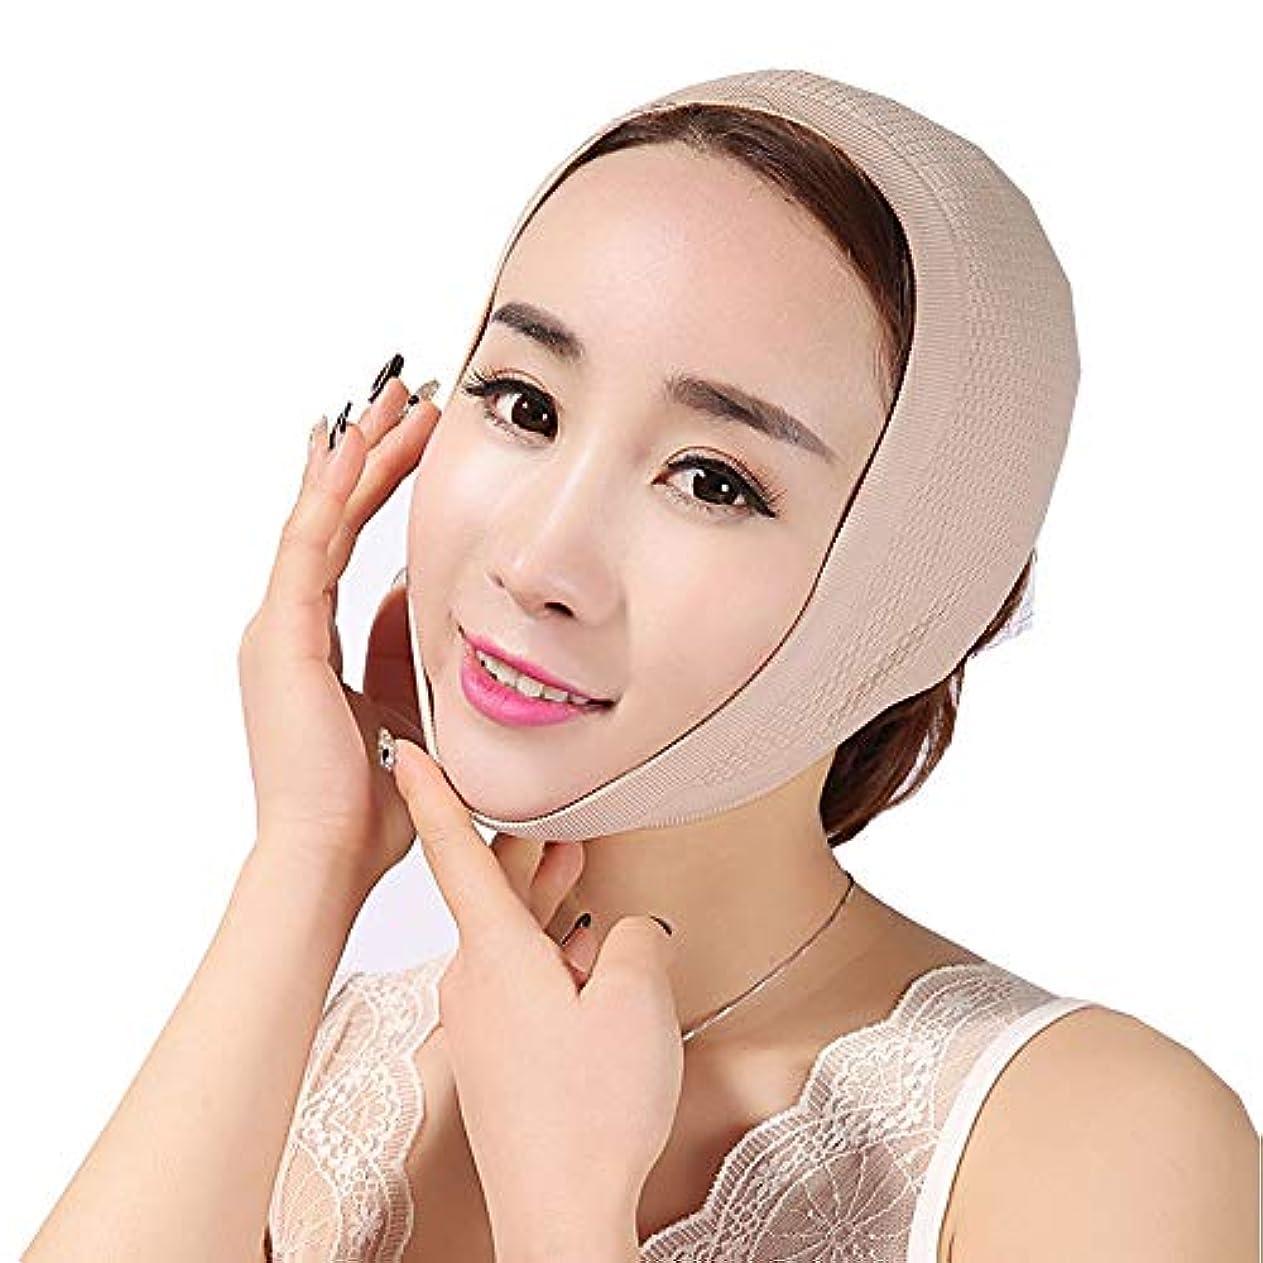 トレイ迷彩苦しむJia Jia- フェイスマスクで眠る薄い顔フェイスリフトフェイスリフトアーティファクトスモールフェイスVフェイスリフト付きフェイスフェイス包帯引き上げジョーセット 顔面包帯